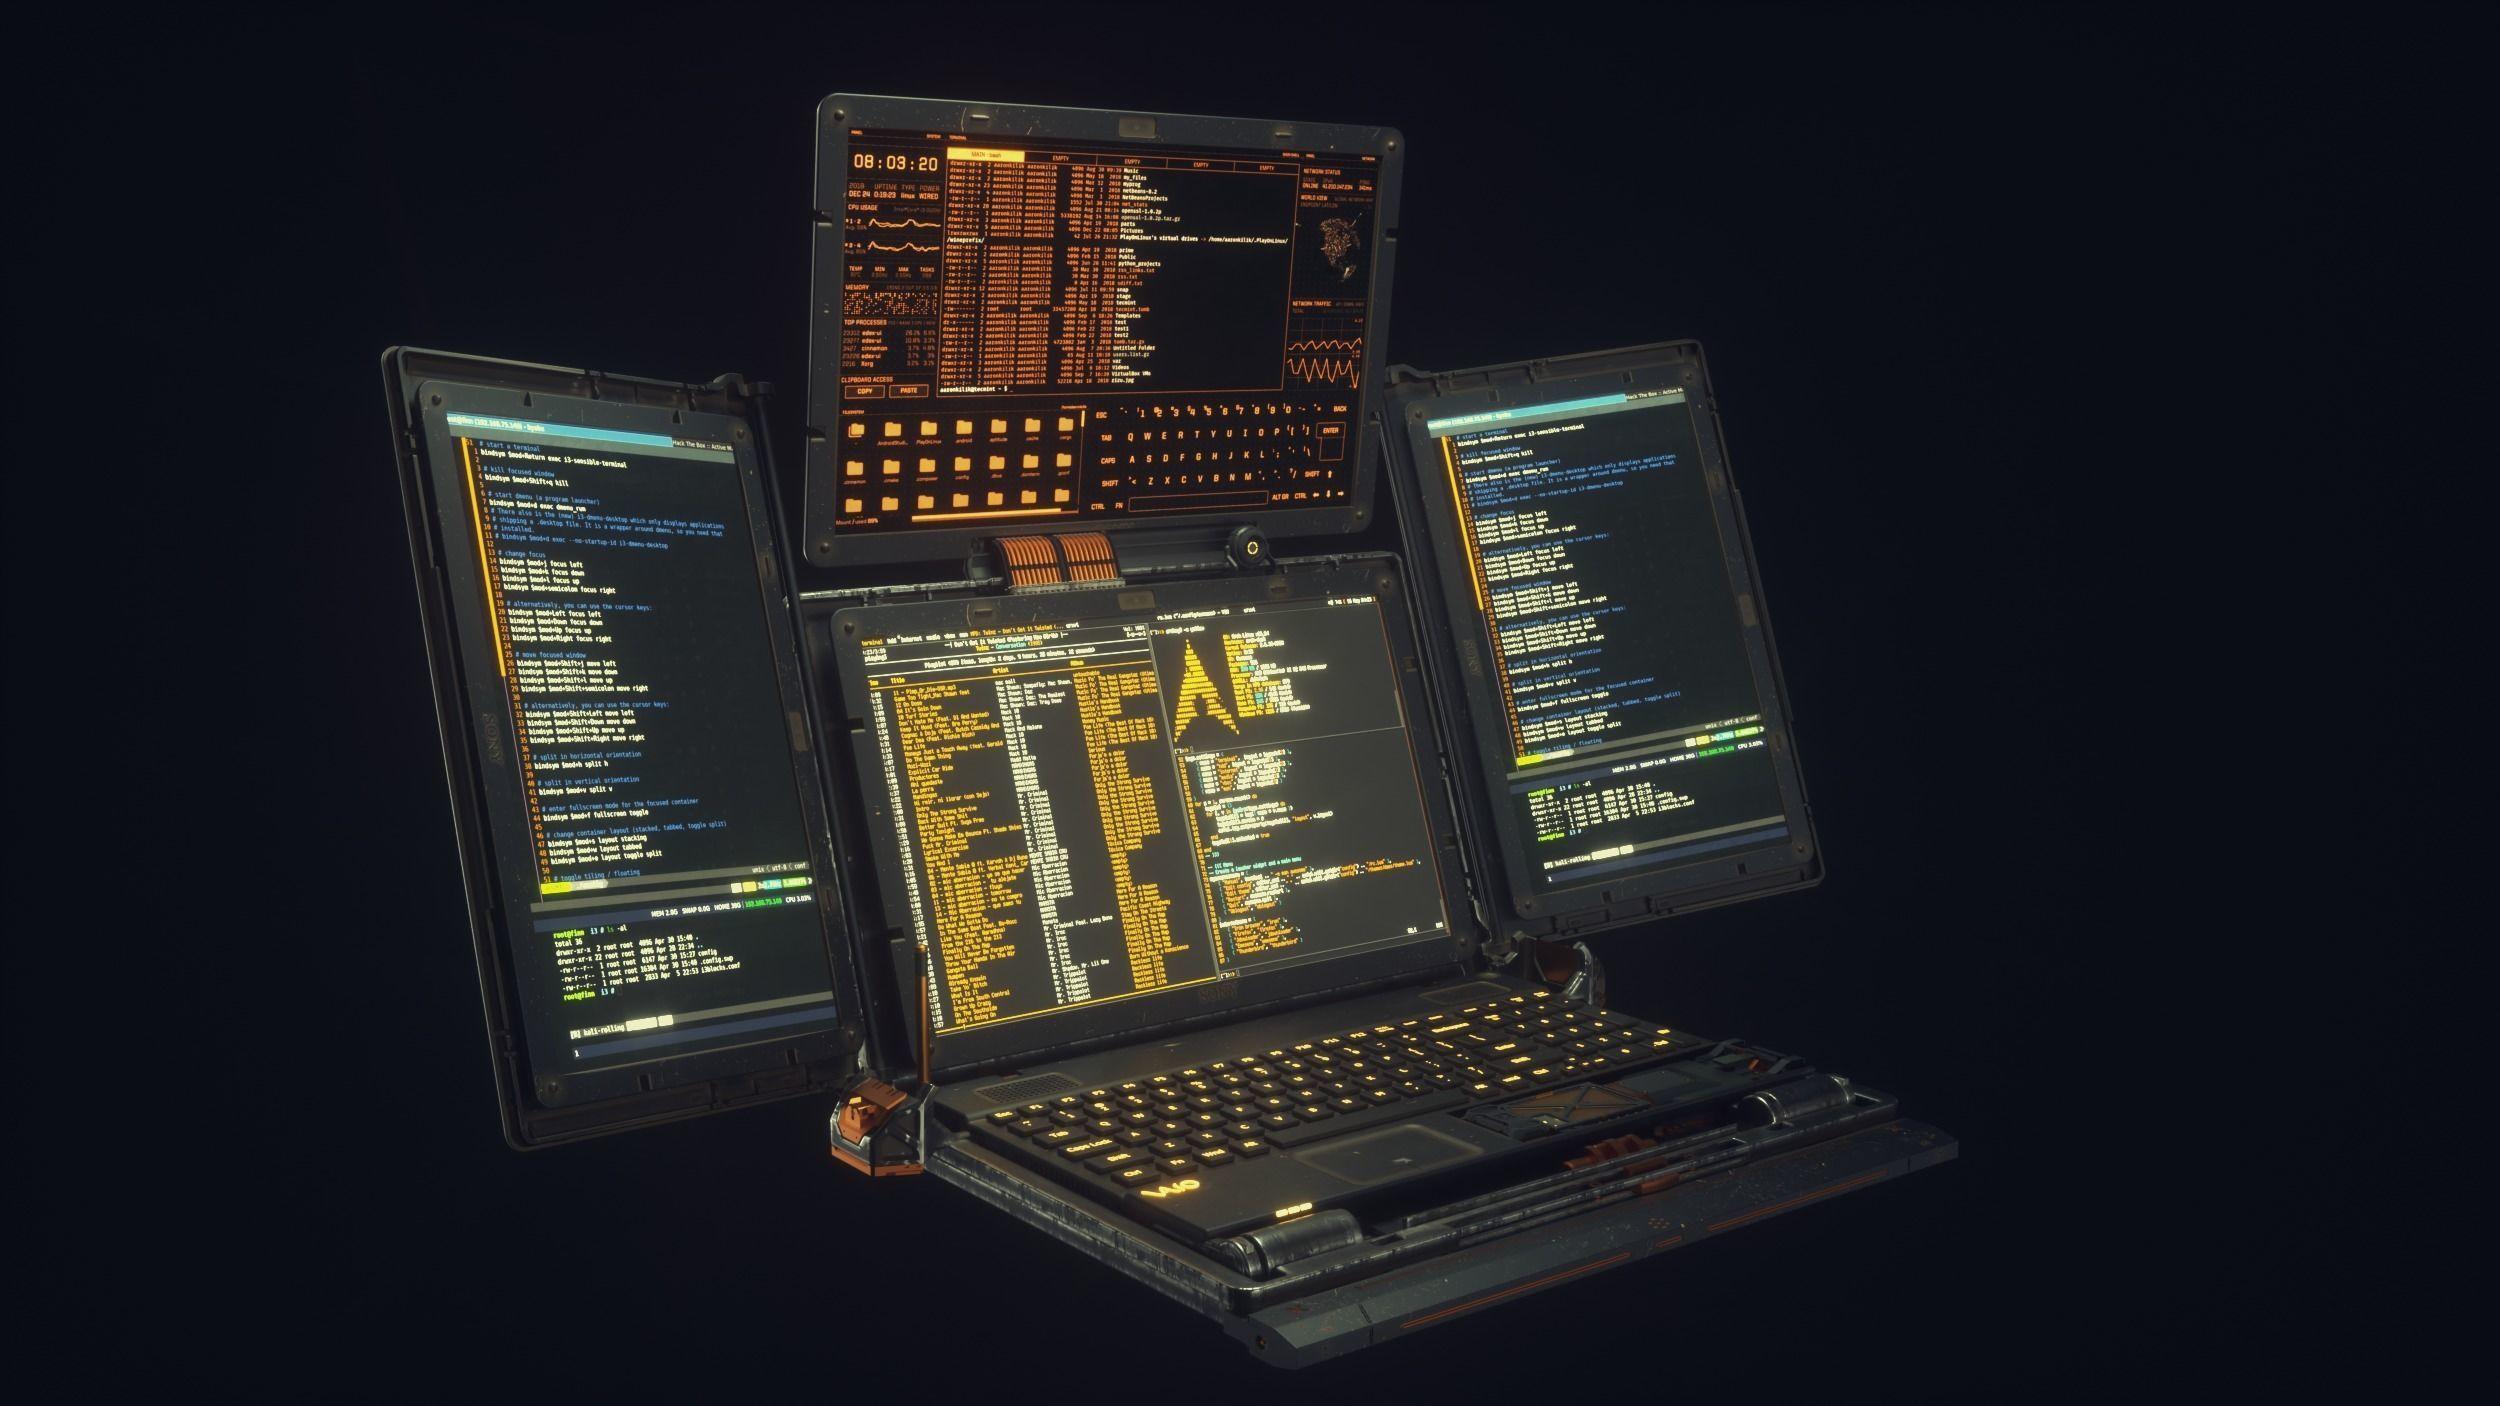 Cyberpunk Hacker Laptop